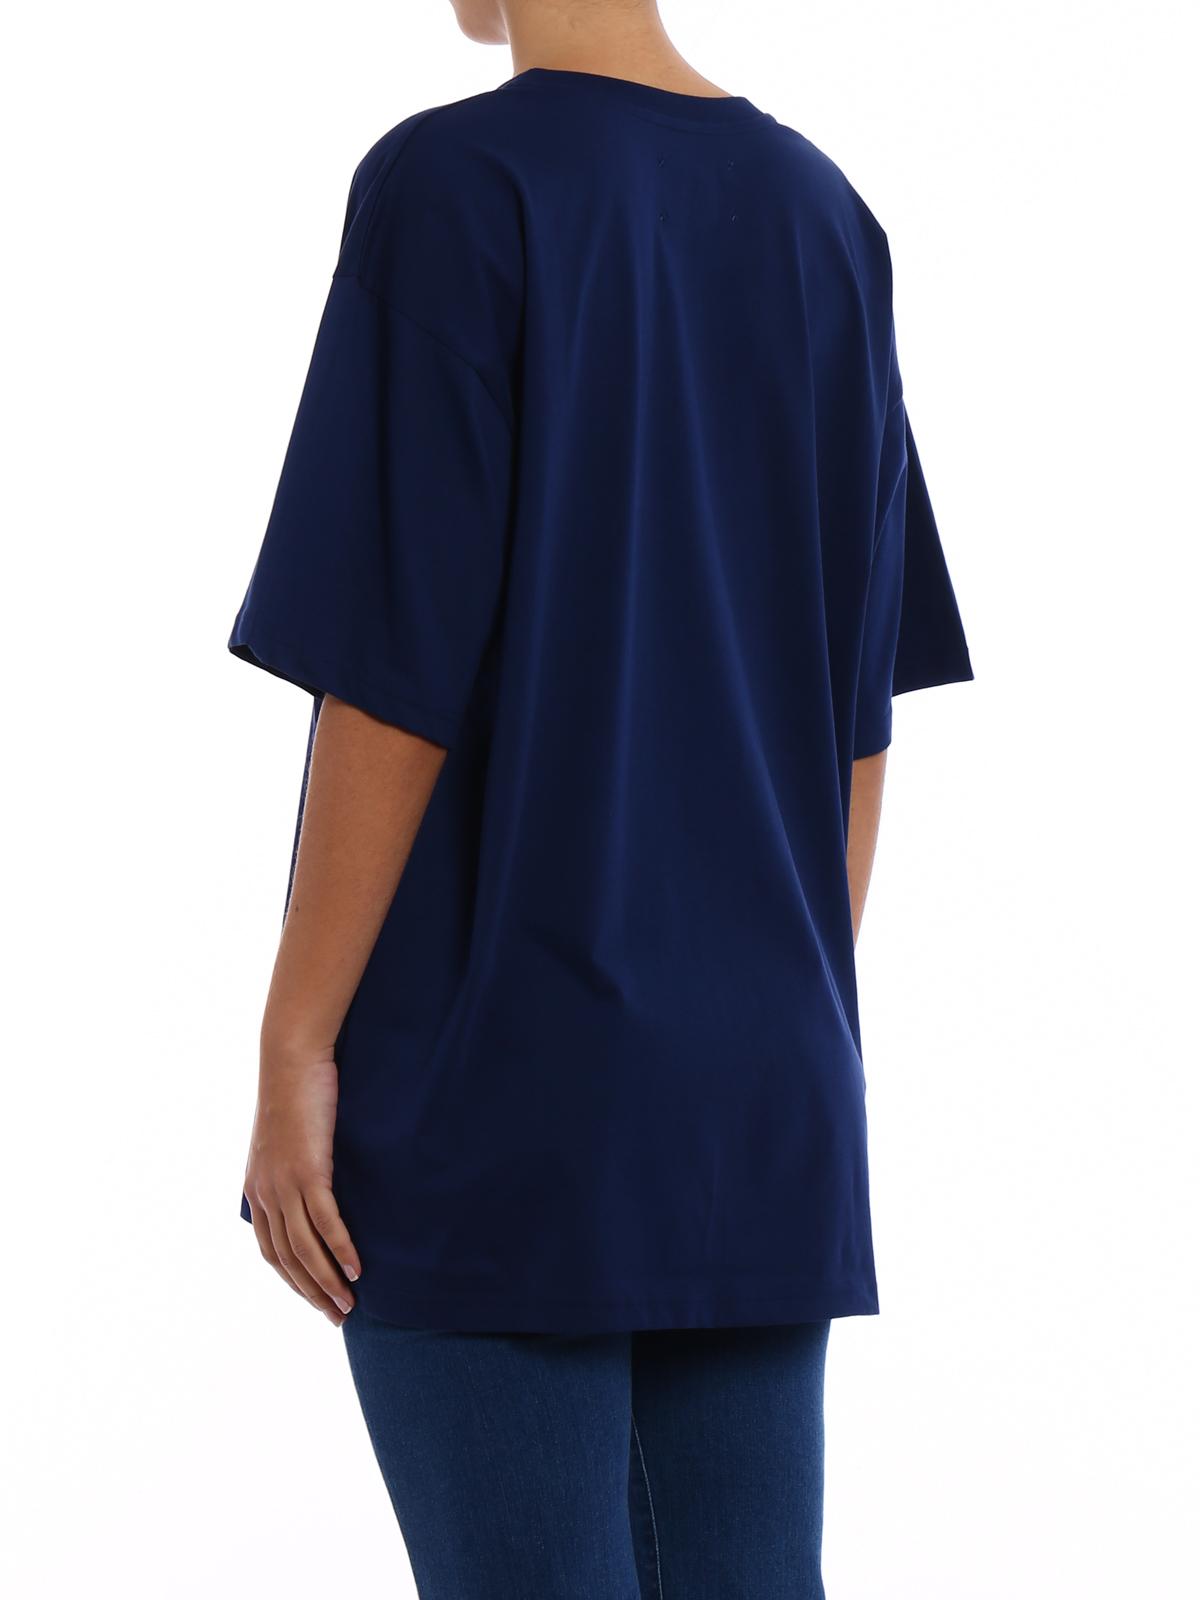 Alberta Ferretti 0705 Shirt Shirts T Friday 0342 5183 8nkOP0w